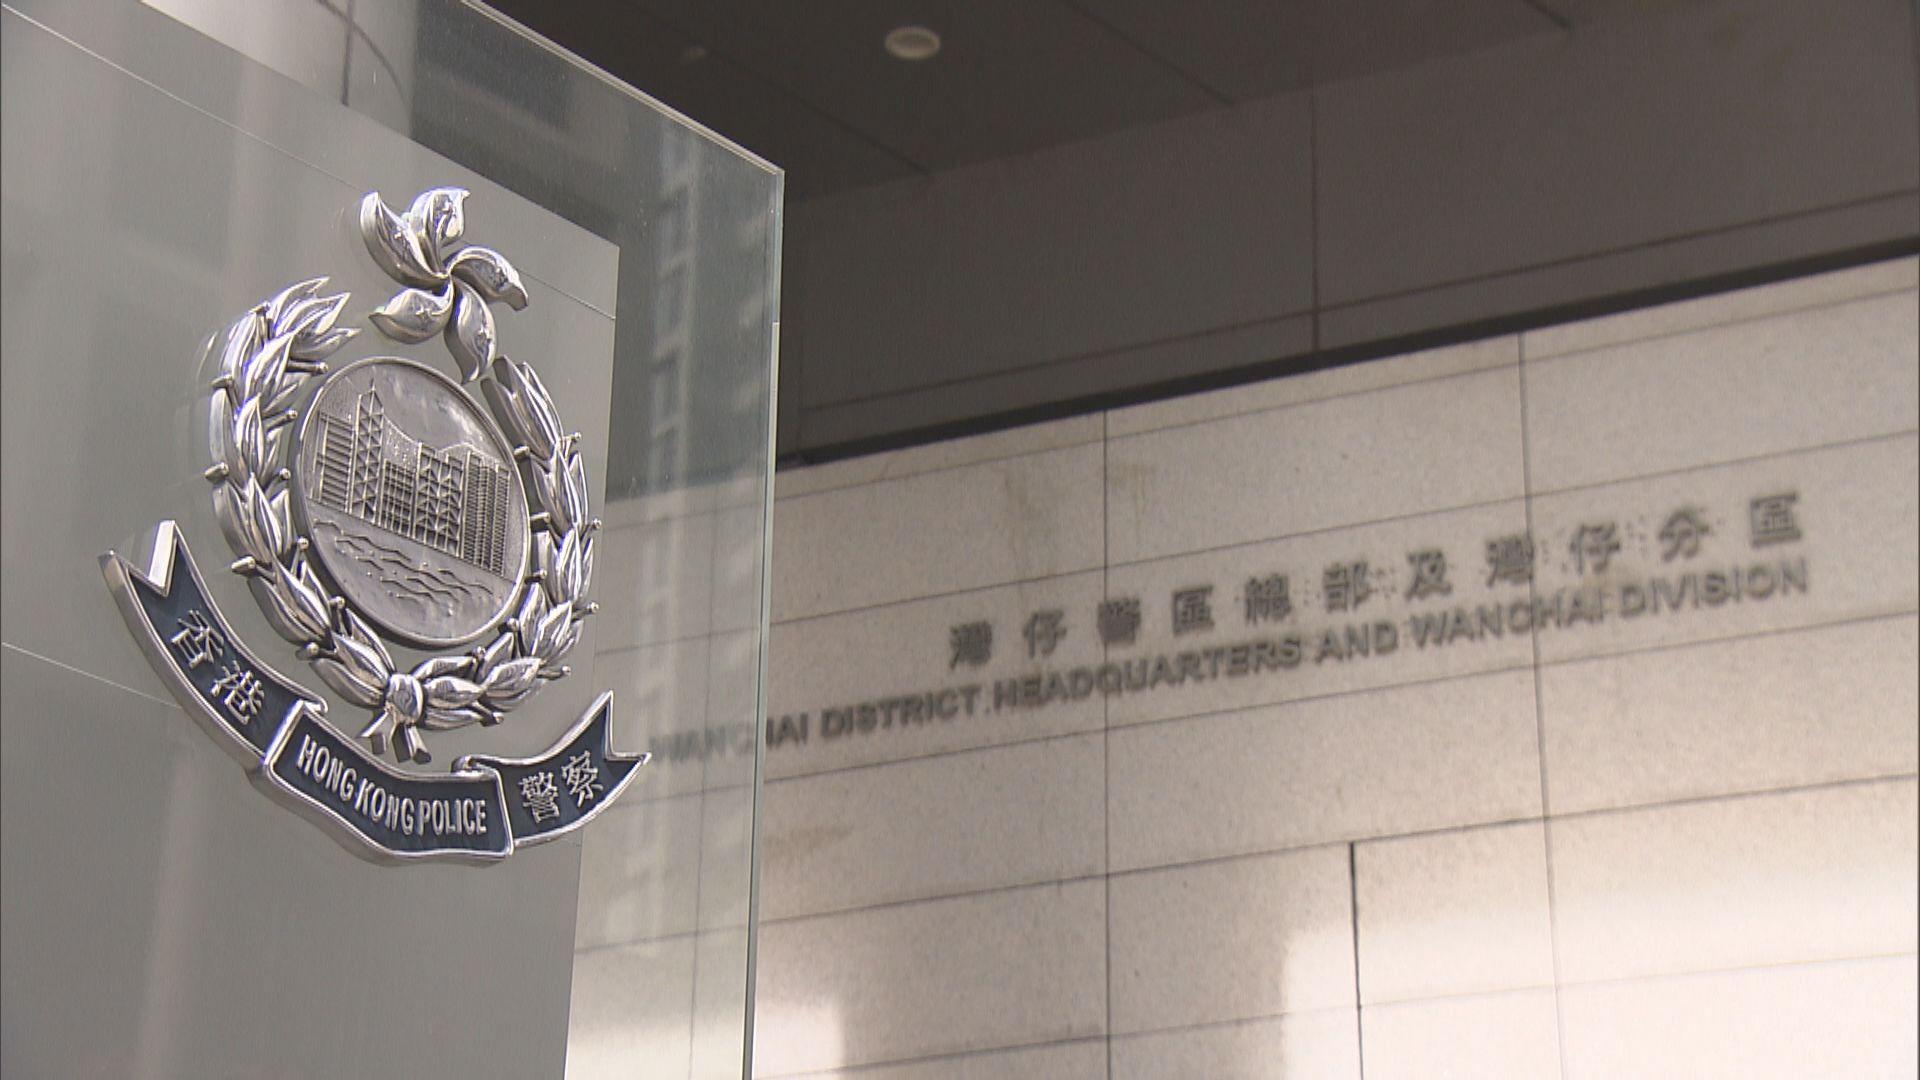 男子涉藉交通意外詐騙300萬元保險金被捕